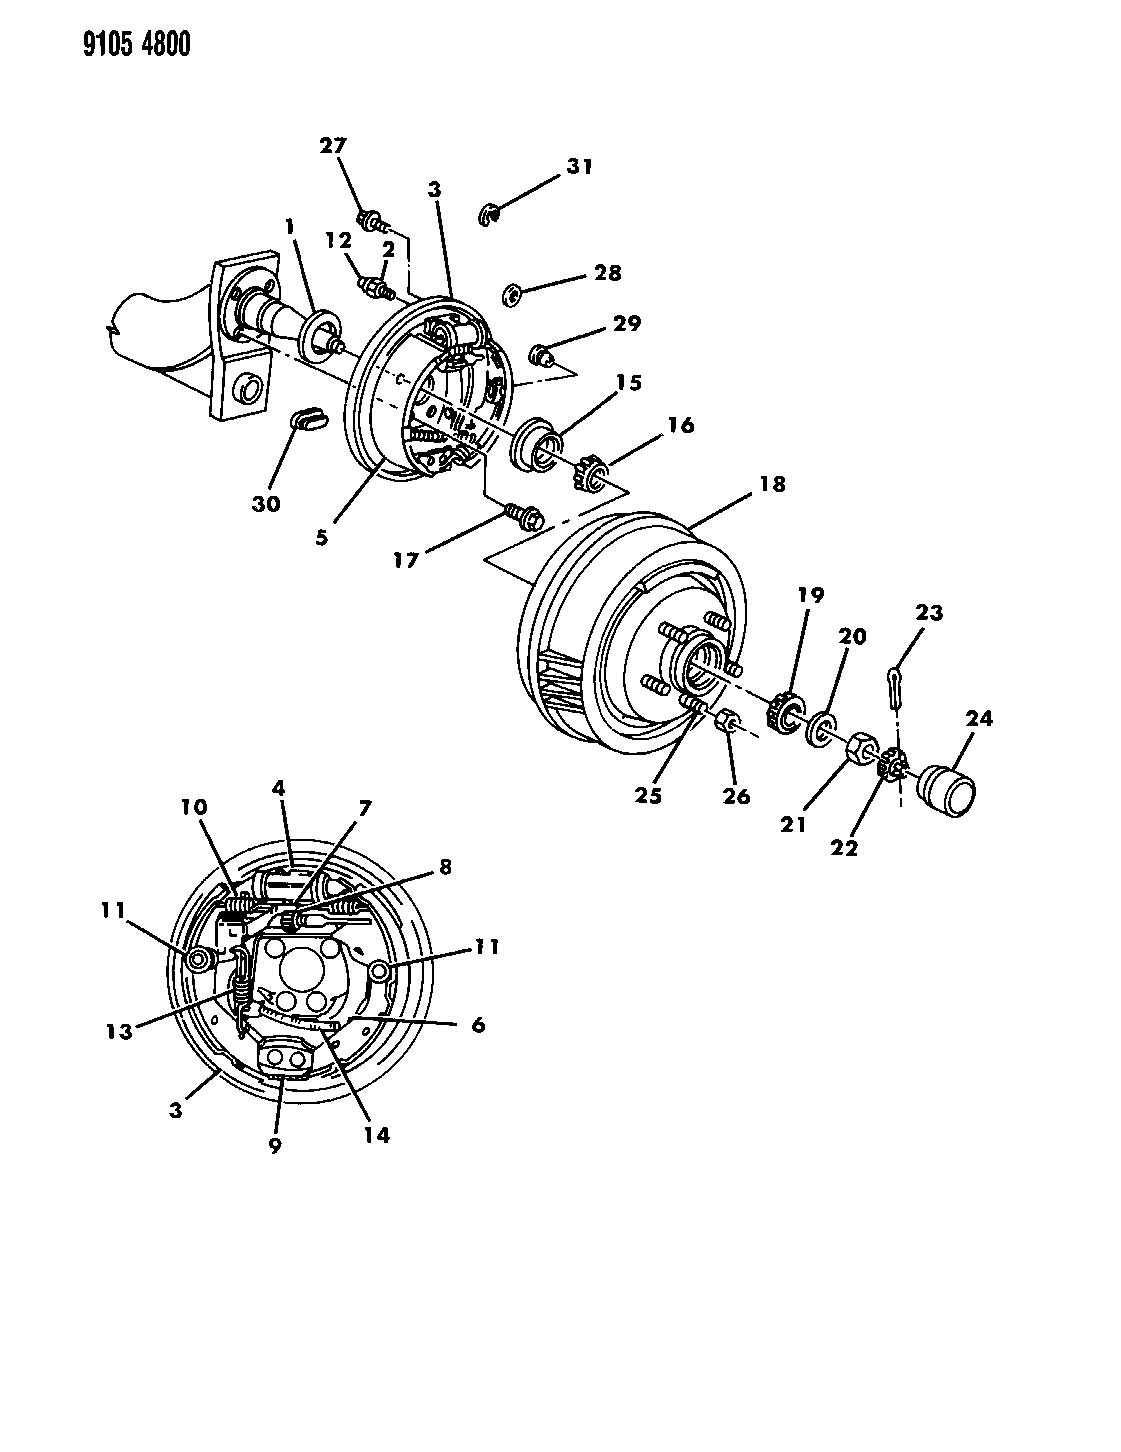 Chrysler Pt Cruiser Lever Left Park Brake Adjusting